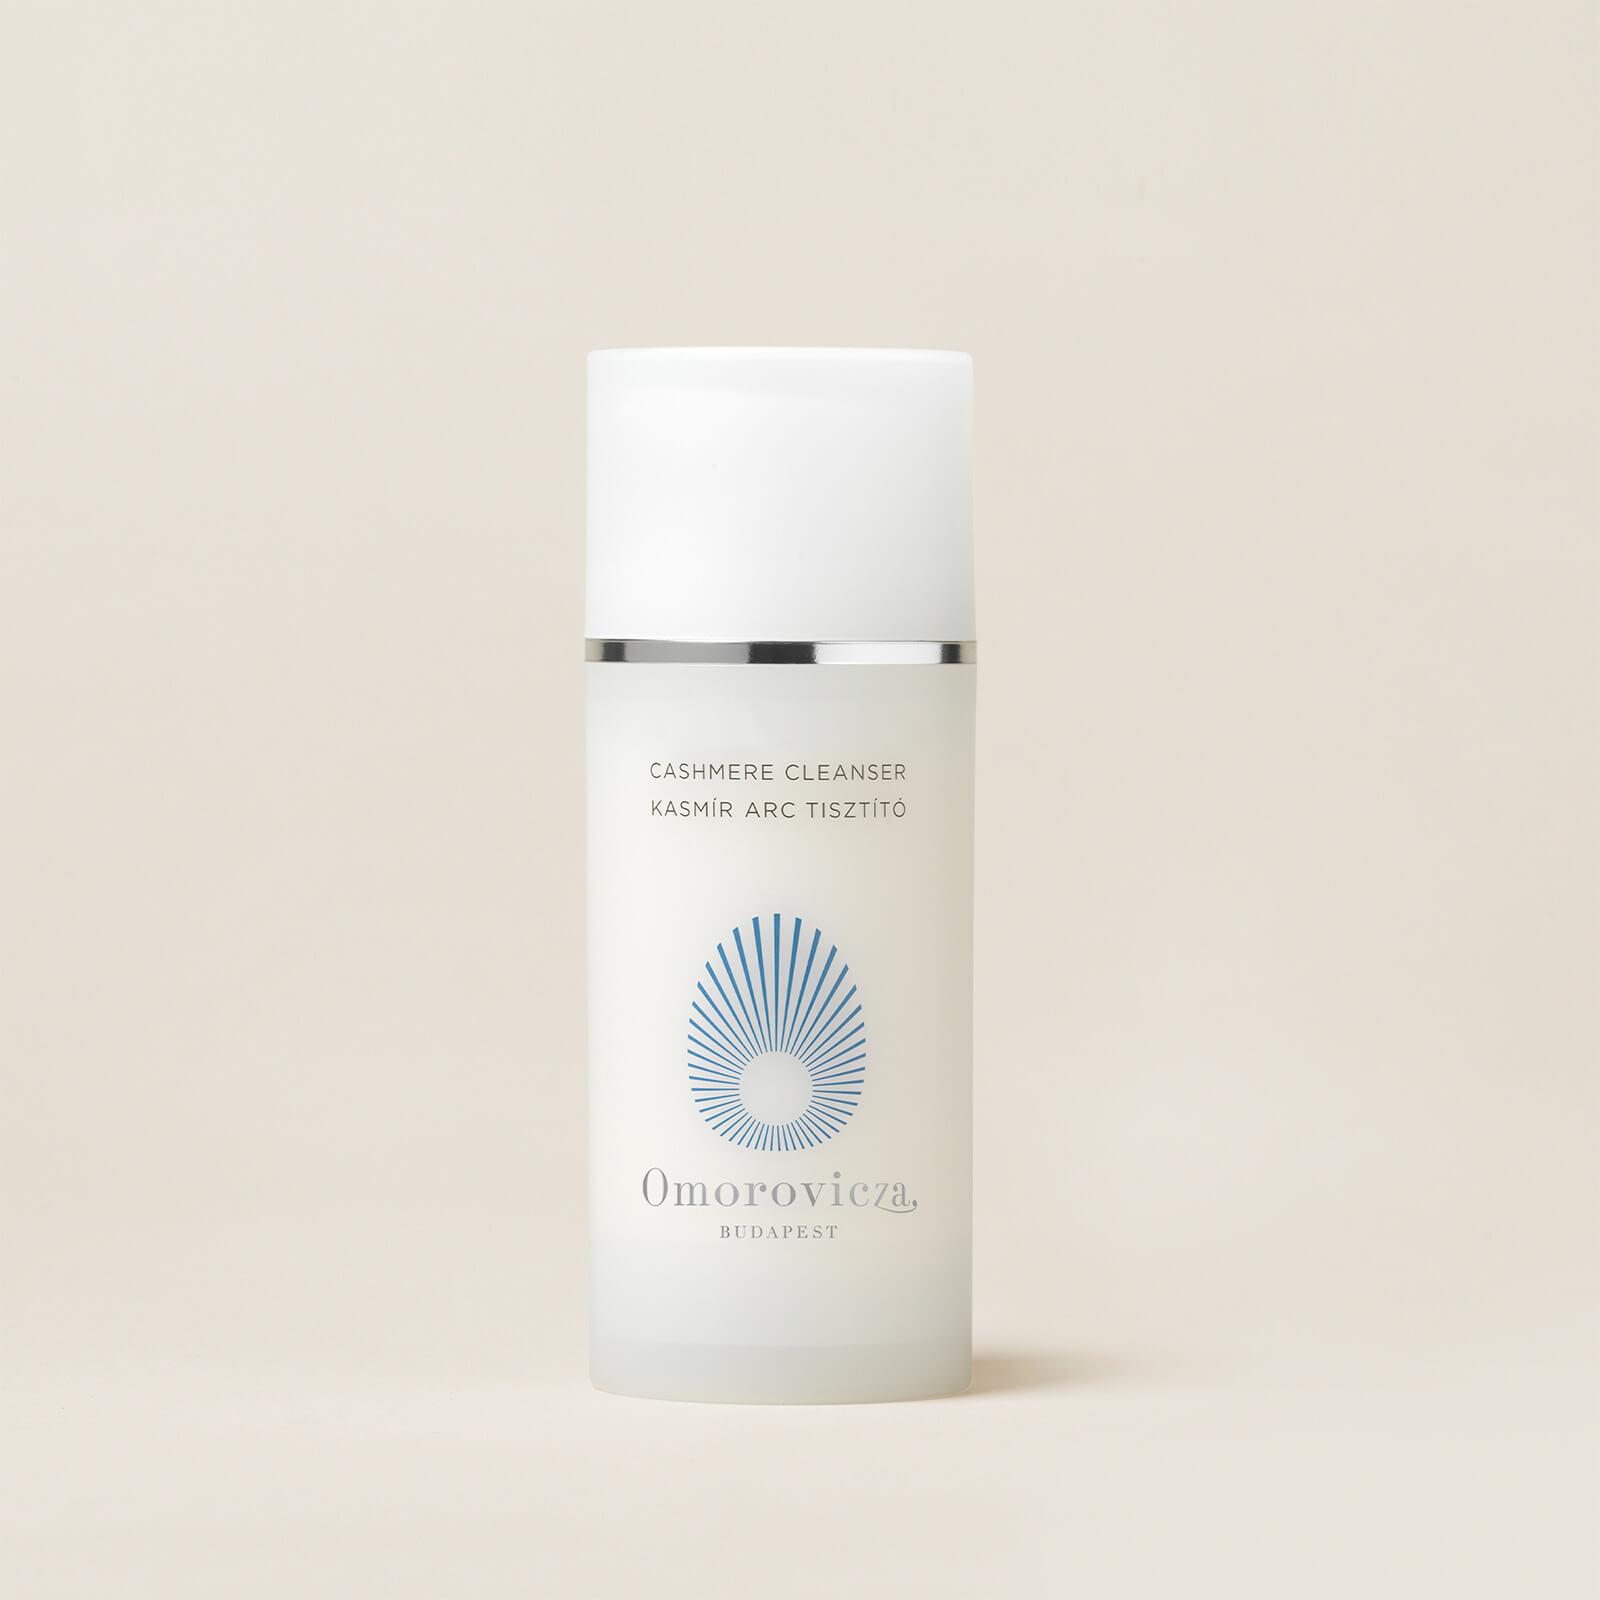 Купить Очищающее средство Omorovicza Cashmere Cleanser (100 мл)